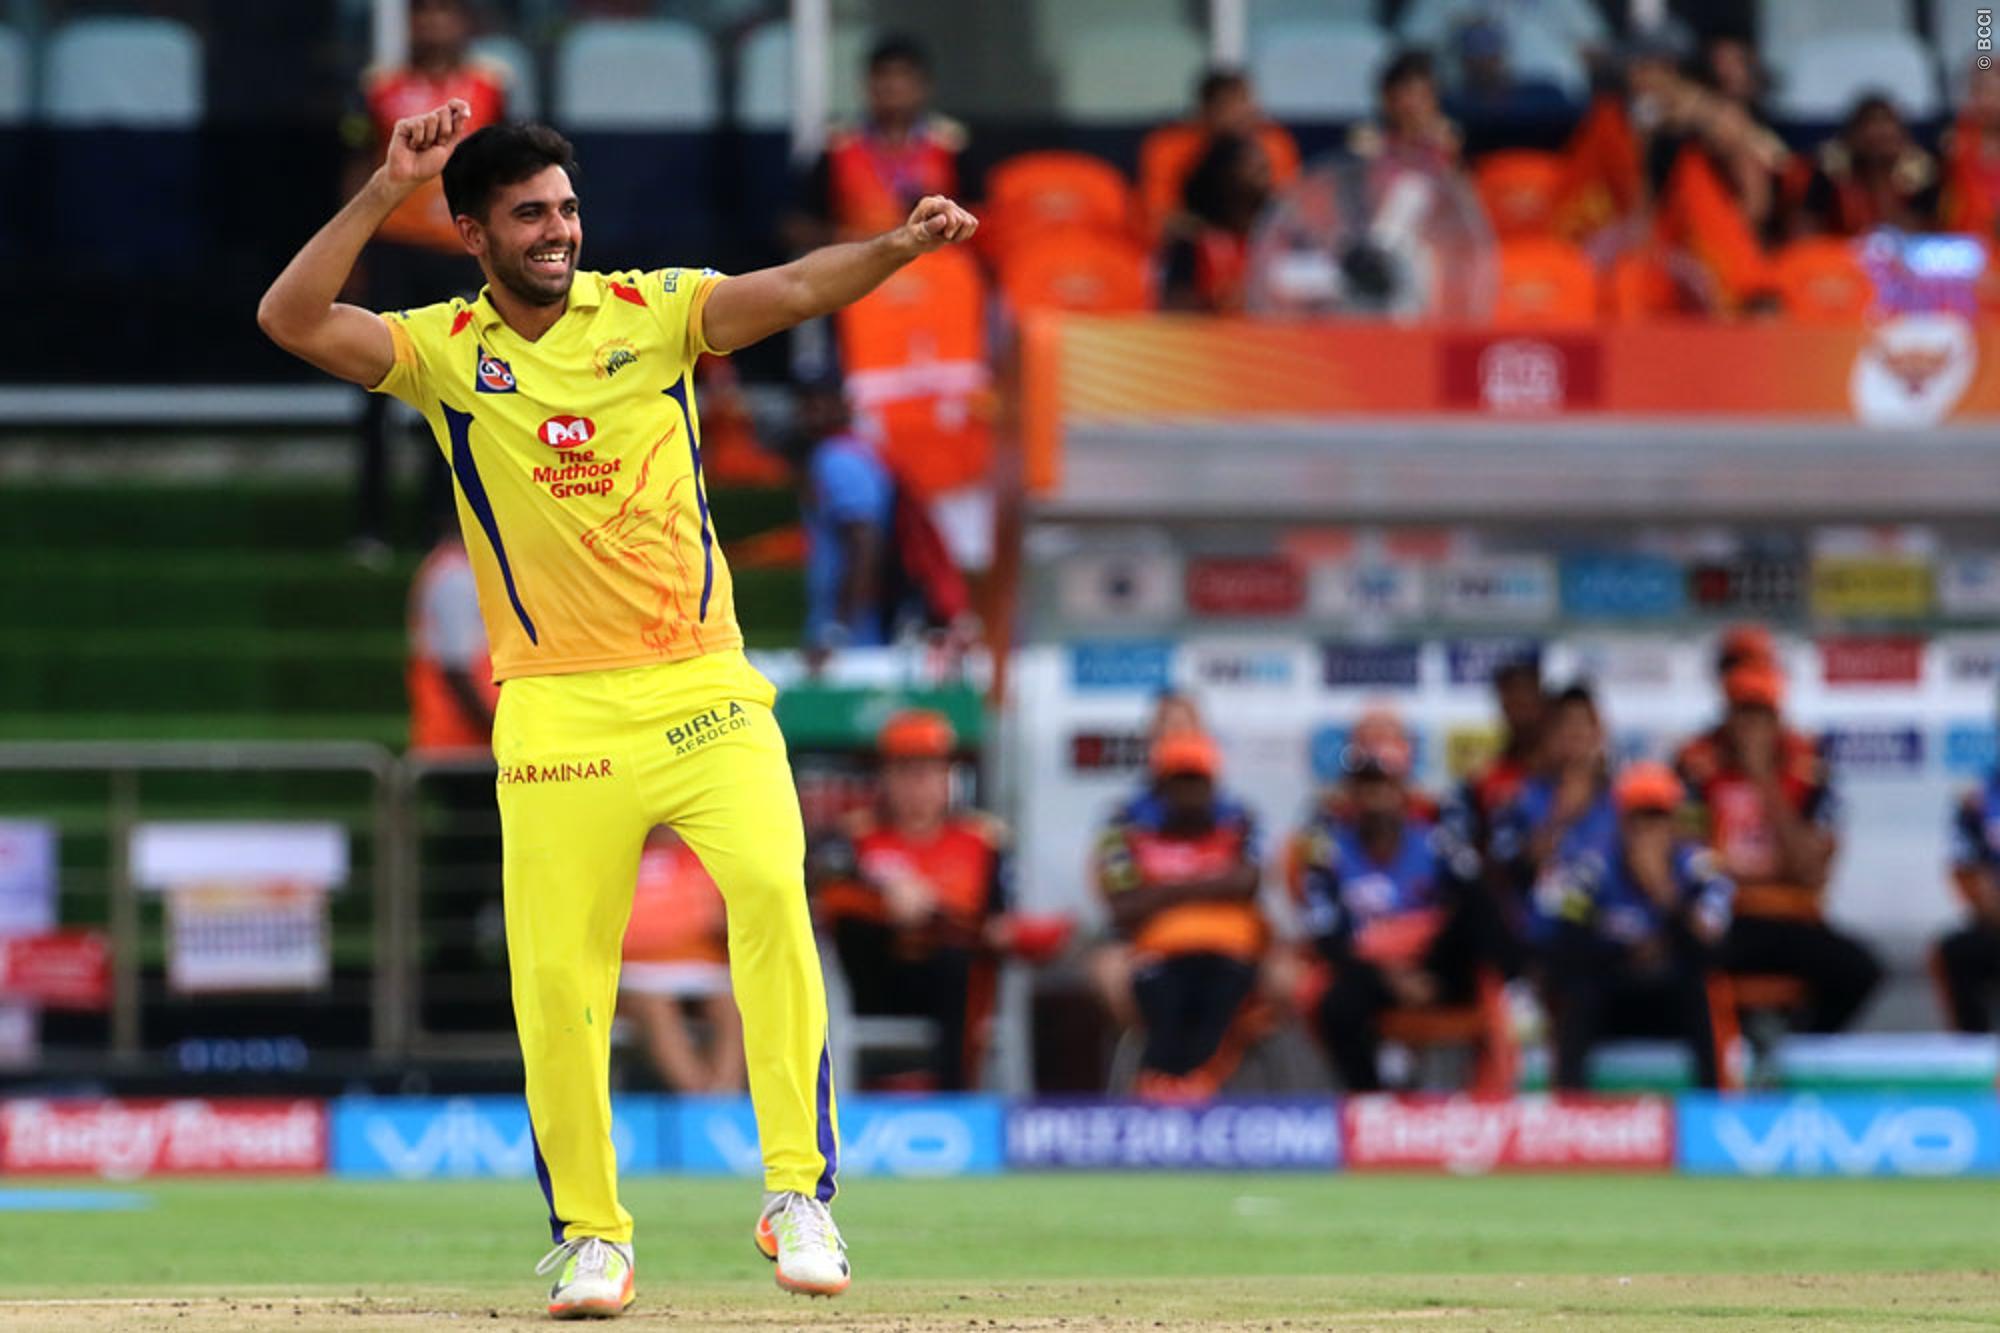 STATS: हैदराबाद और चेन्नई के बिच मैच में बने कुल 6 ऐतिहासिक रिकॉर्ड, लेकिन रैना ने कोहली को छोड़ा पीछे 6